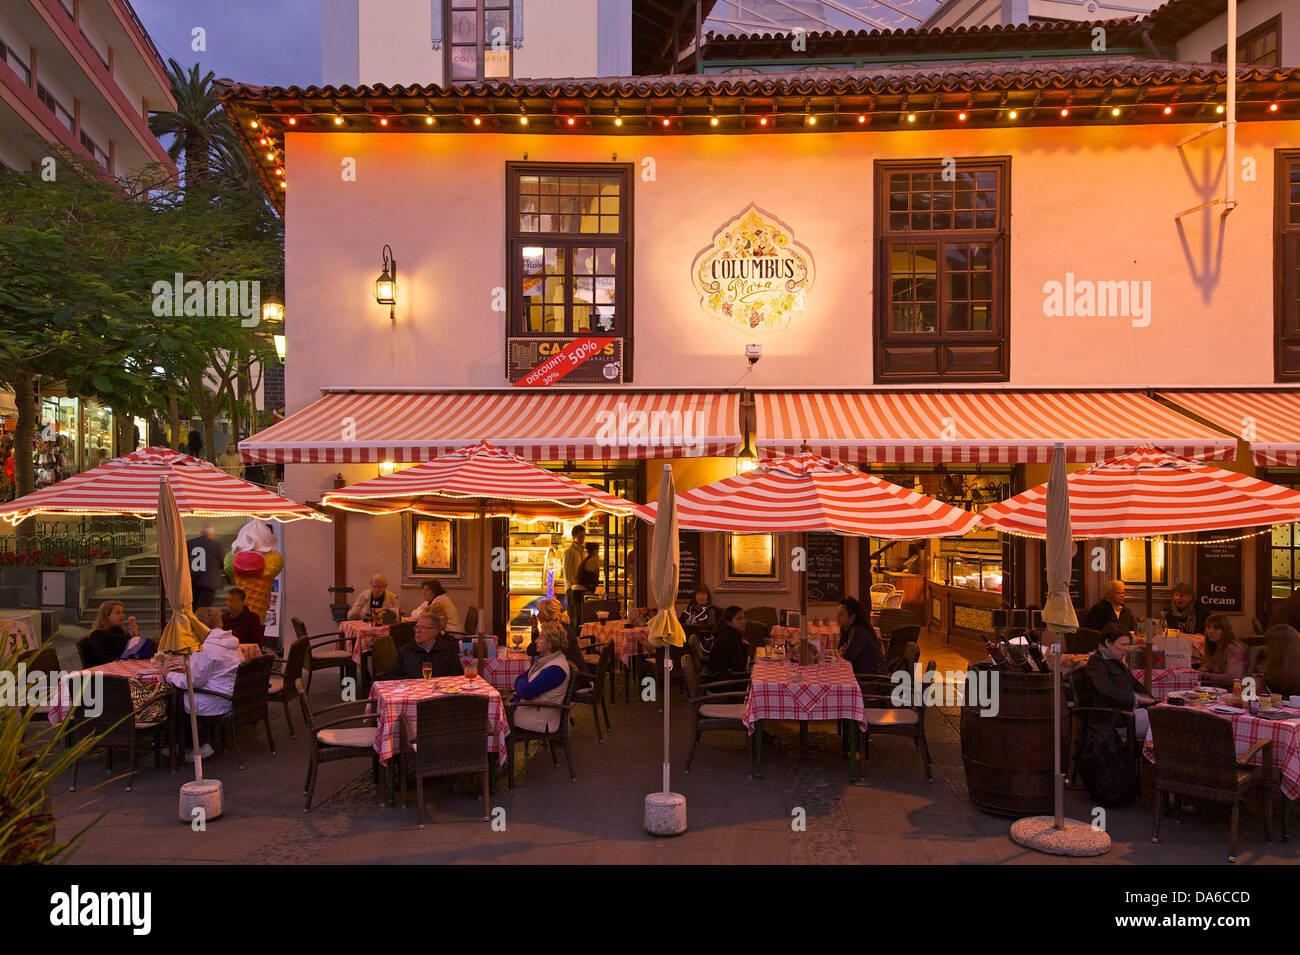 Tenerife restaurant stockfotos tenerife restaurant bilder alamy - Mcdonald s puerto de la cruz ...